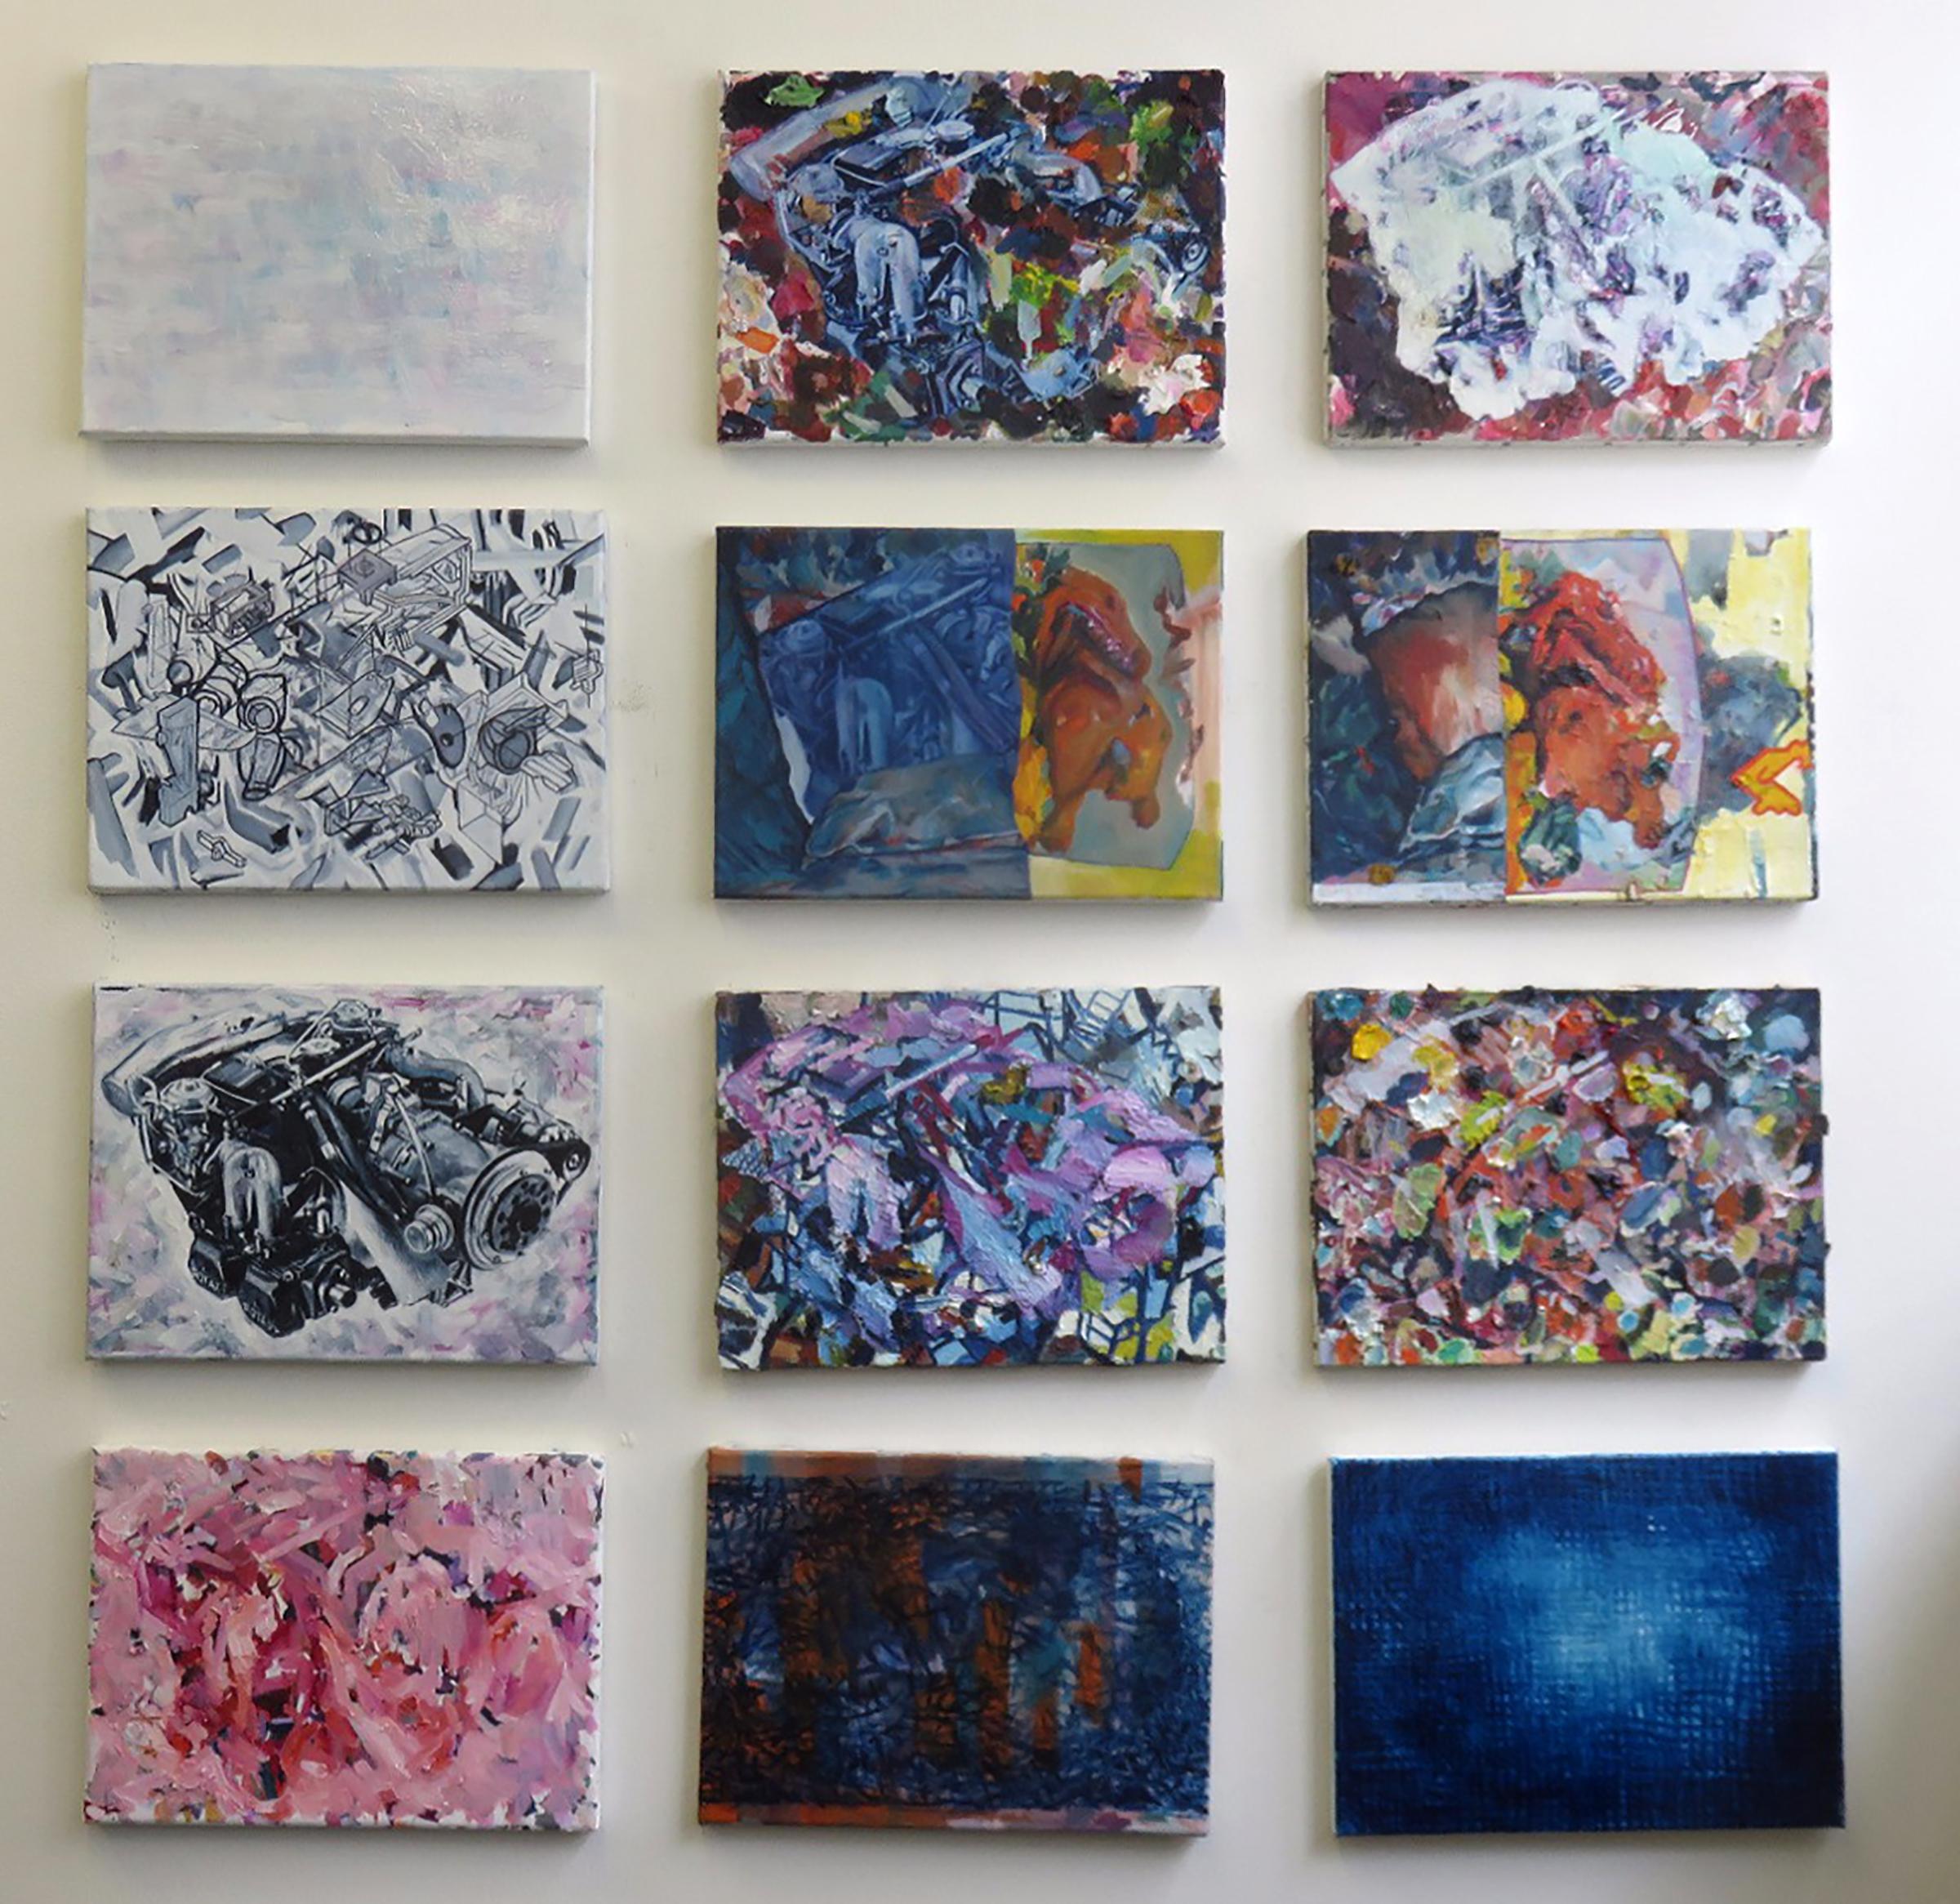 Prachtige kunstwerken te zien in de Kunst-Min-Hallen in Bergen. (Foto's: aangeleverd). rodi.nl © rodi